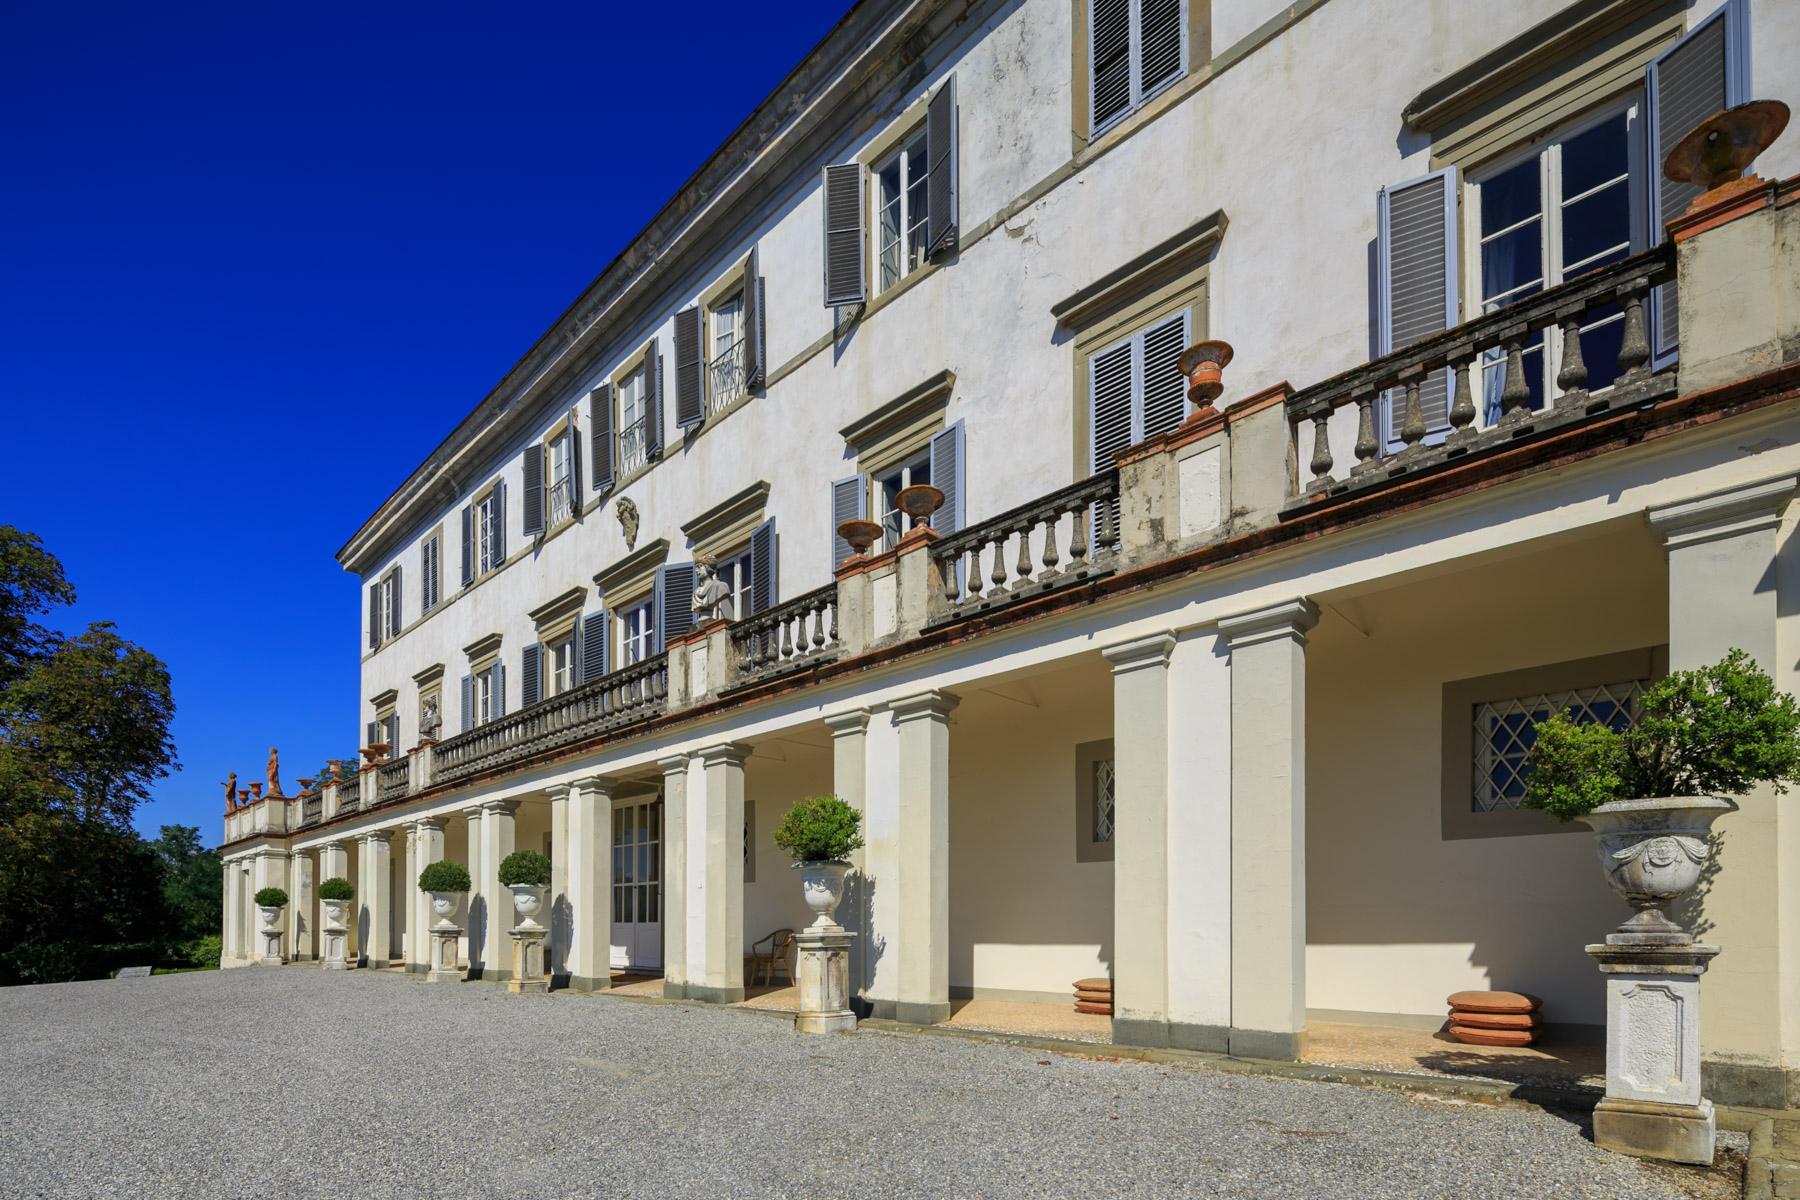 Unica villa storica in Lucchesia - 3